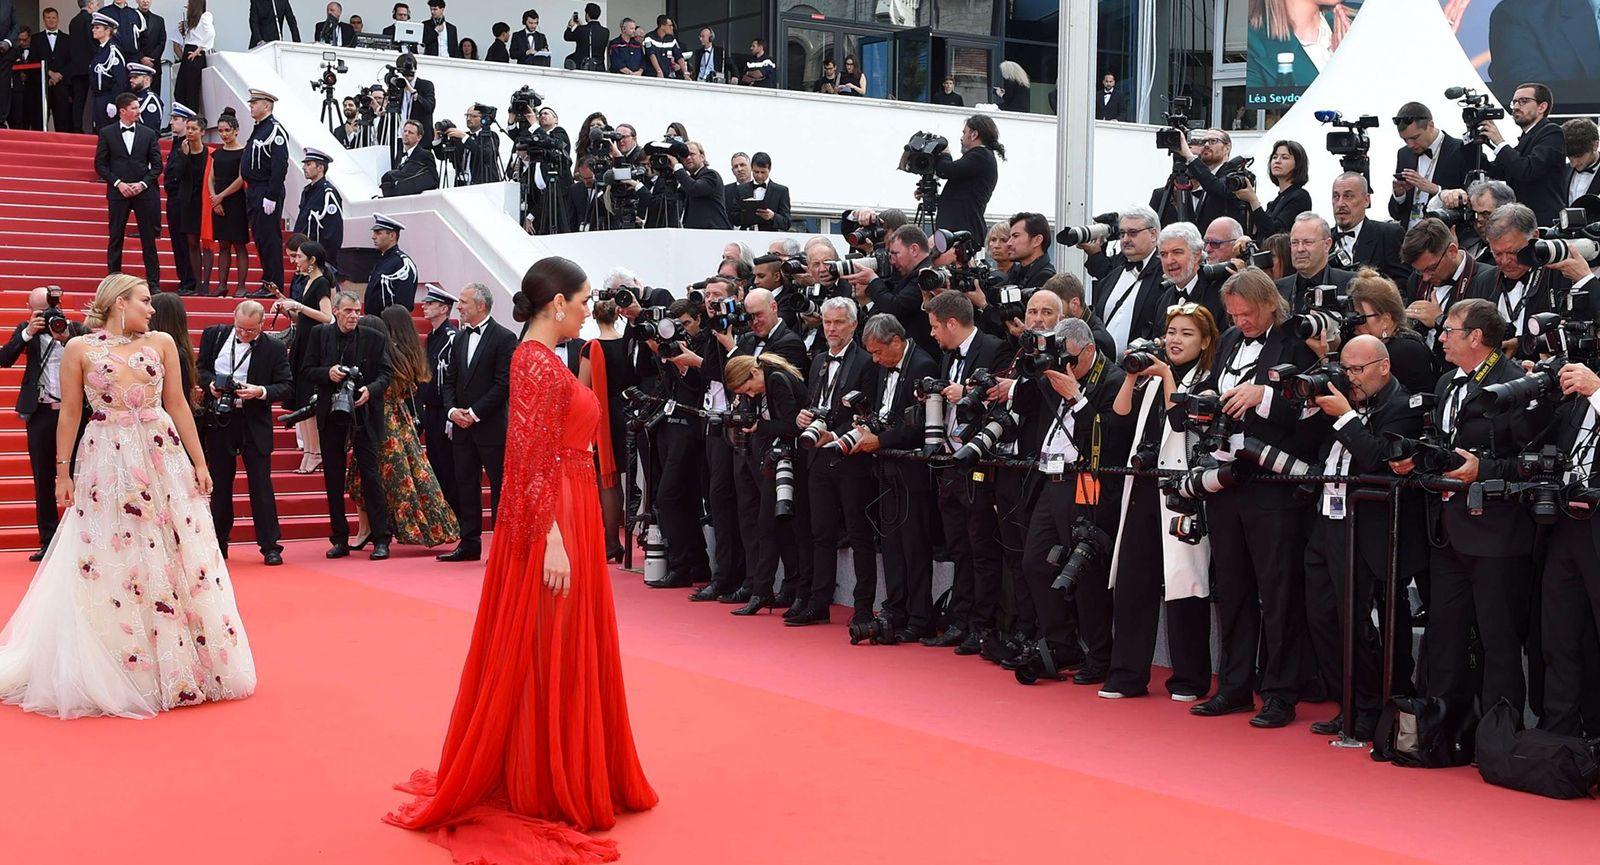 En attendant la Palme d'or, voici les films les plus attendus du Festival de Cannes 2019